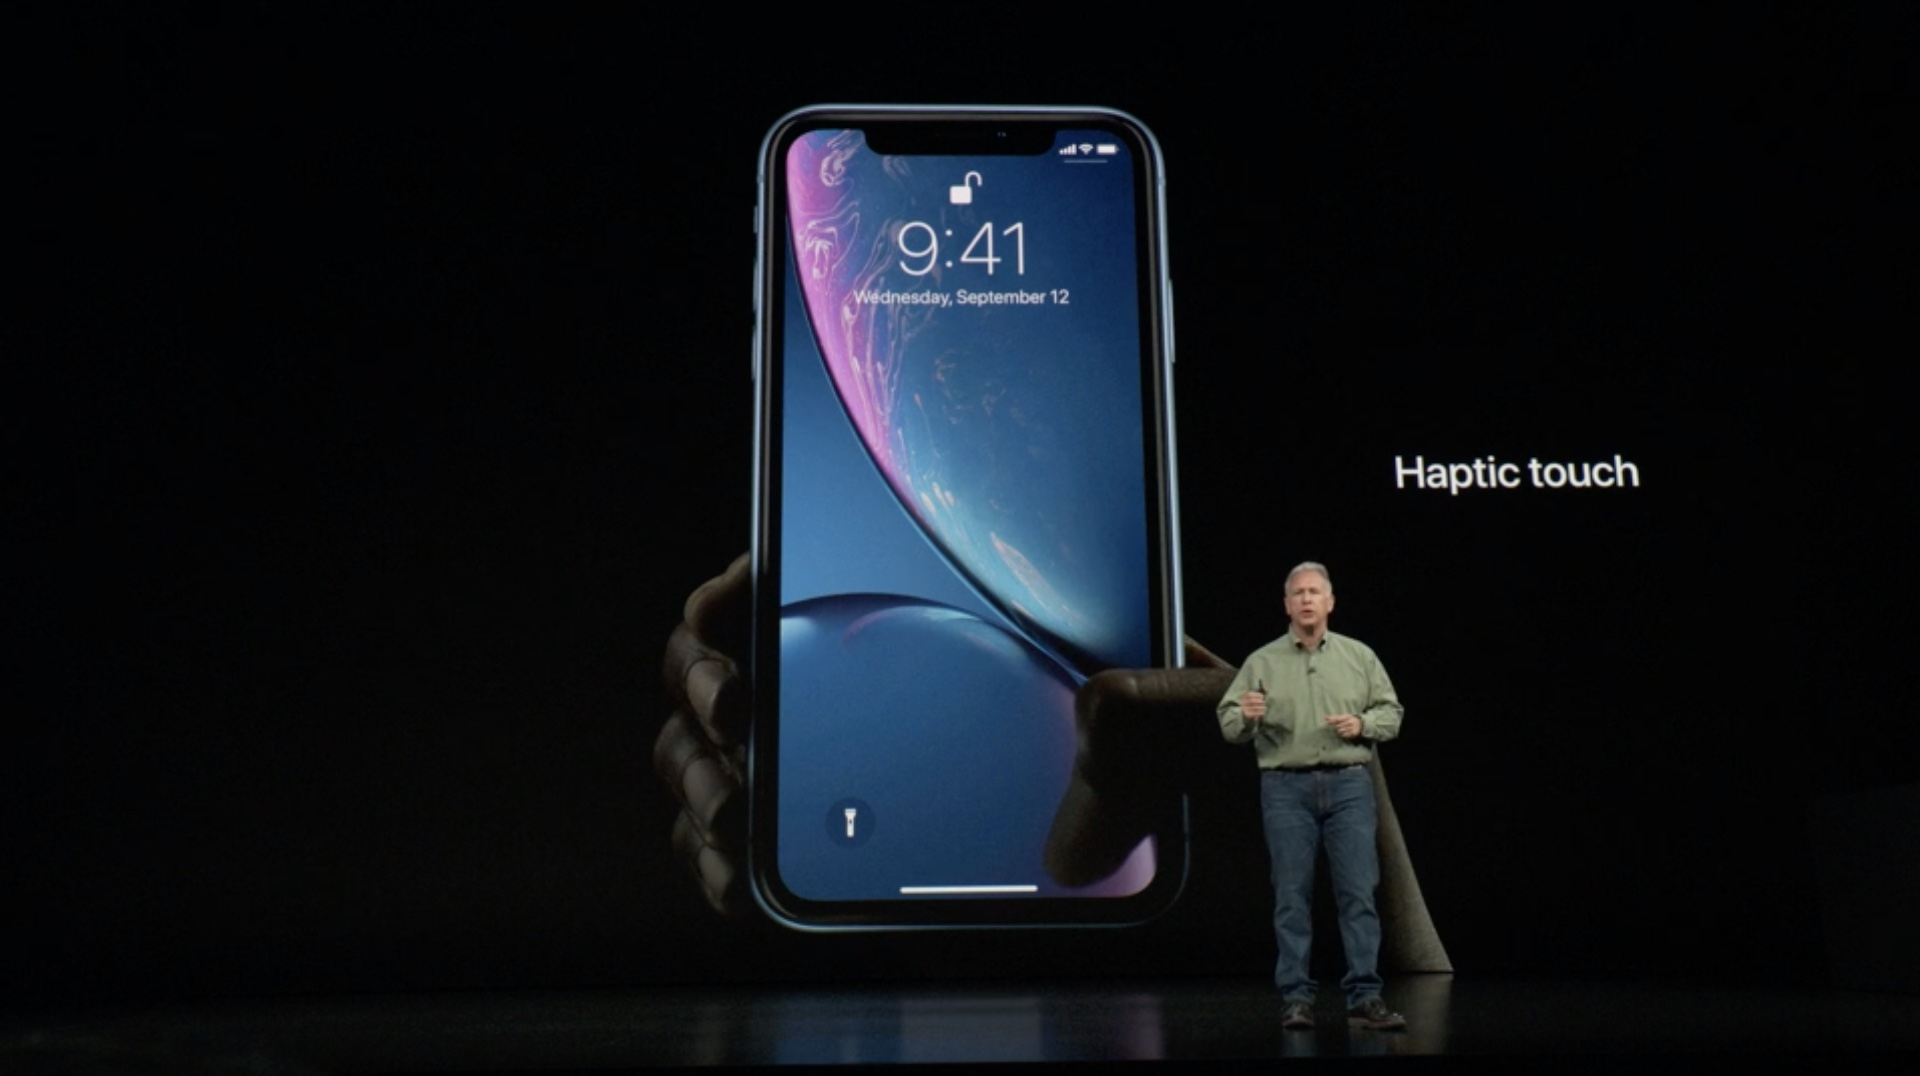 gather-around-apple-event-2018-2465.jpg